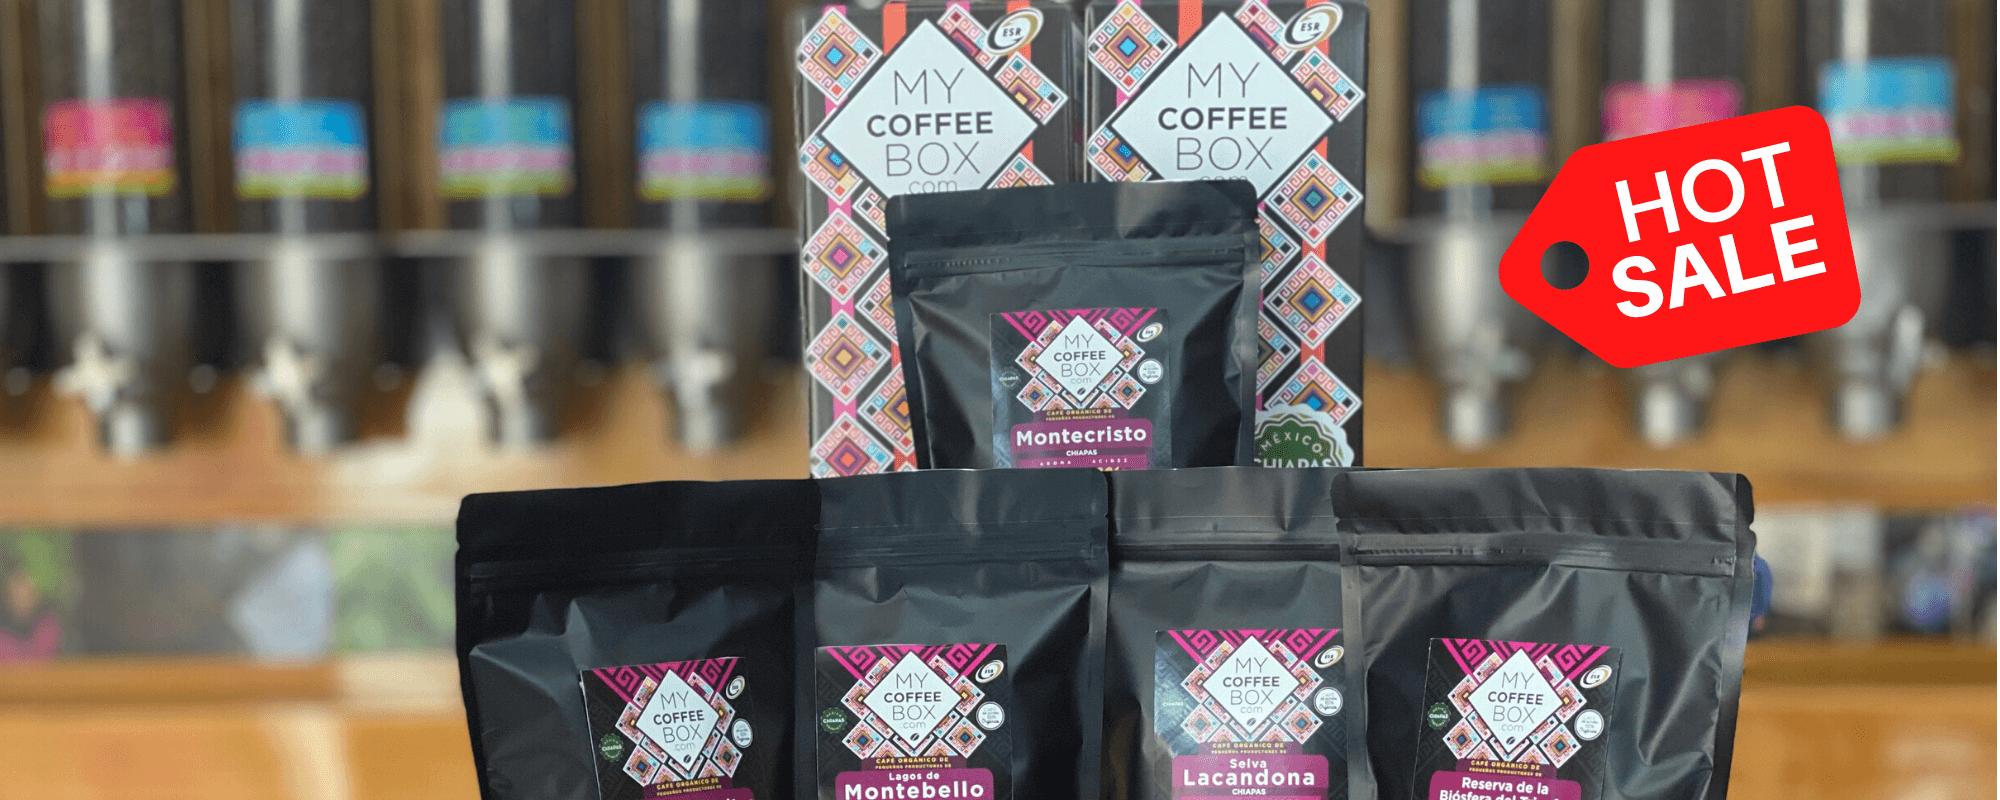 descuento promocion codigo promocional mycoffeebox cafe de chiapas